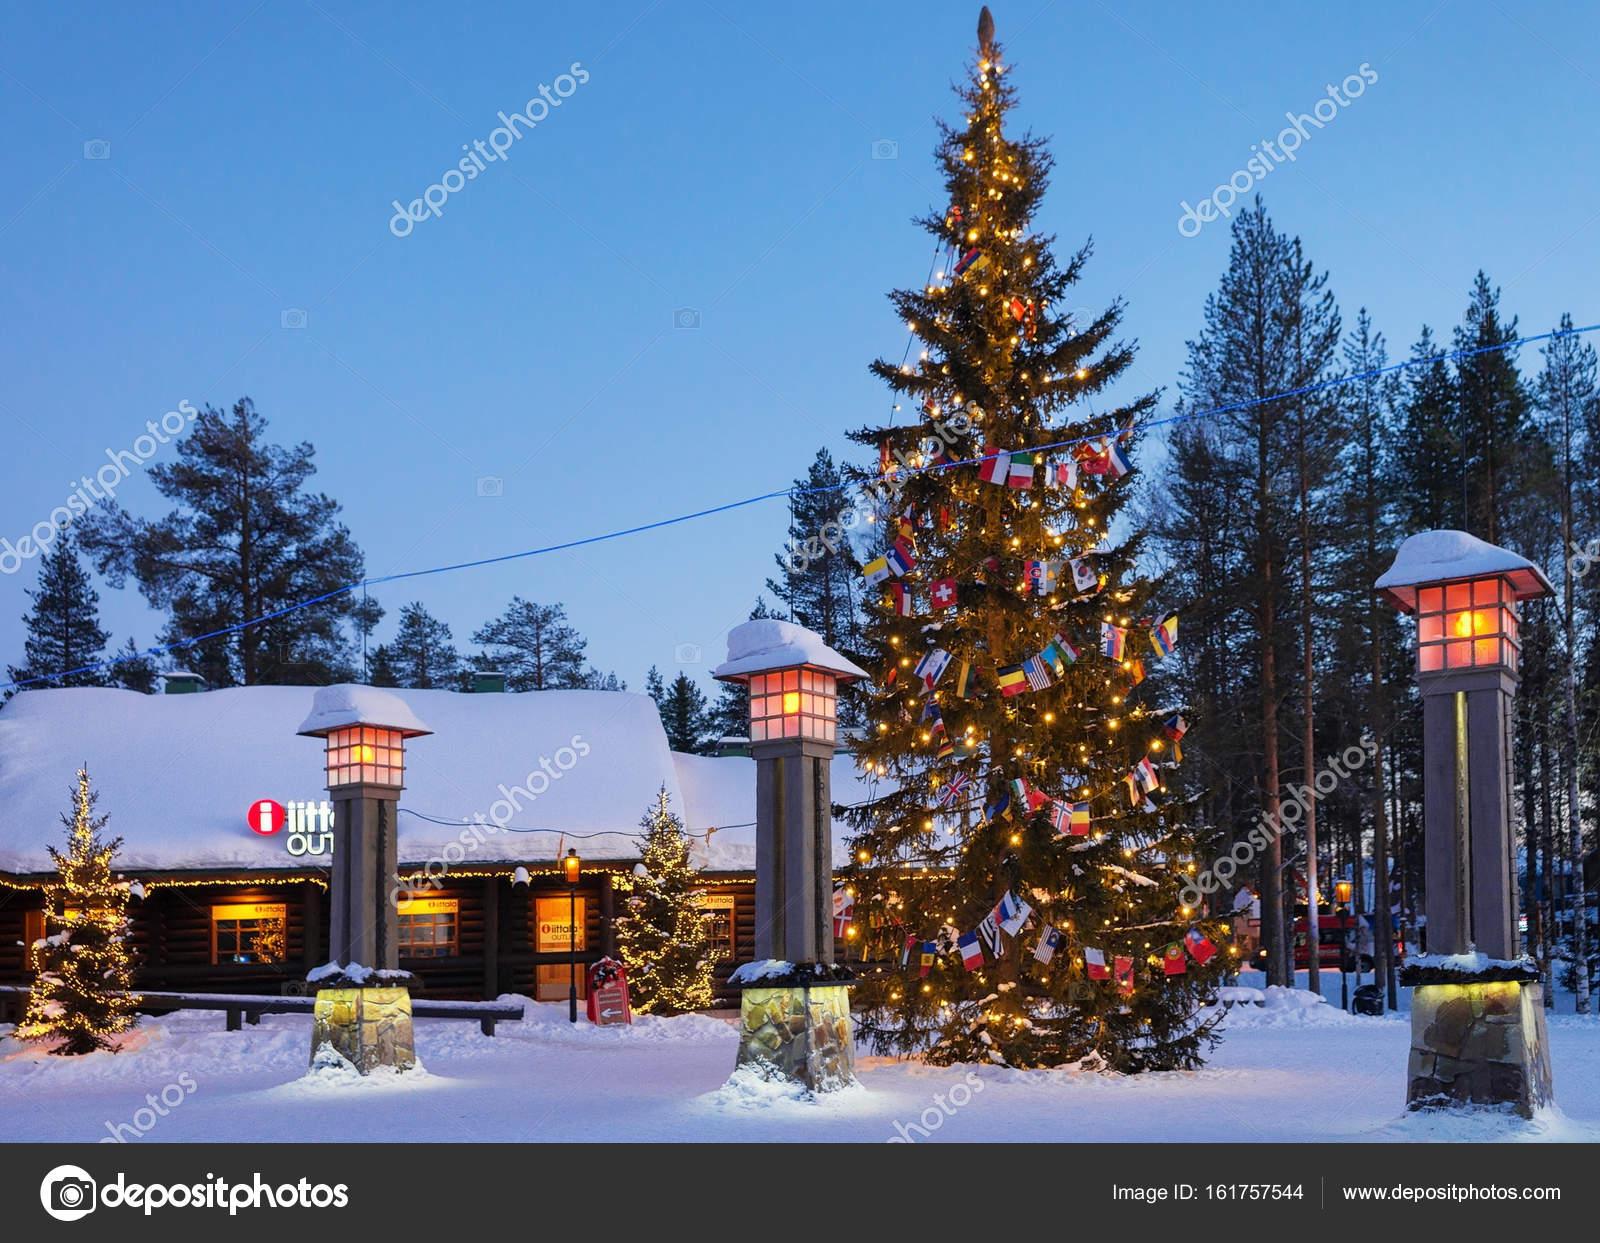 Villaggio Di Babbo Natale In Lapponia.Circolo Polare Artico Lanterne Nel Villaggio Di Babbo Natale